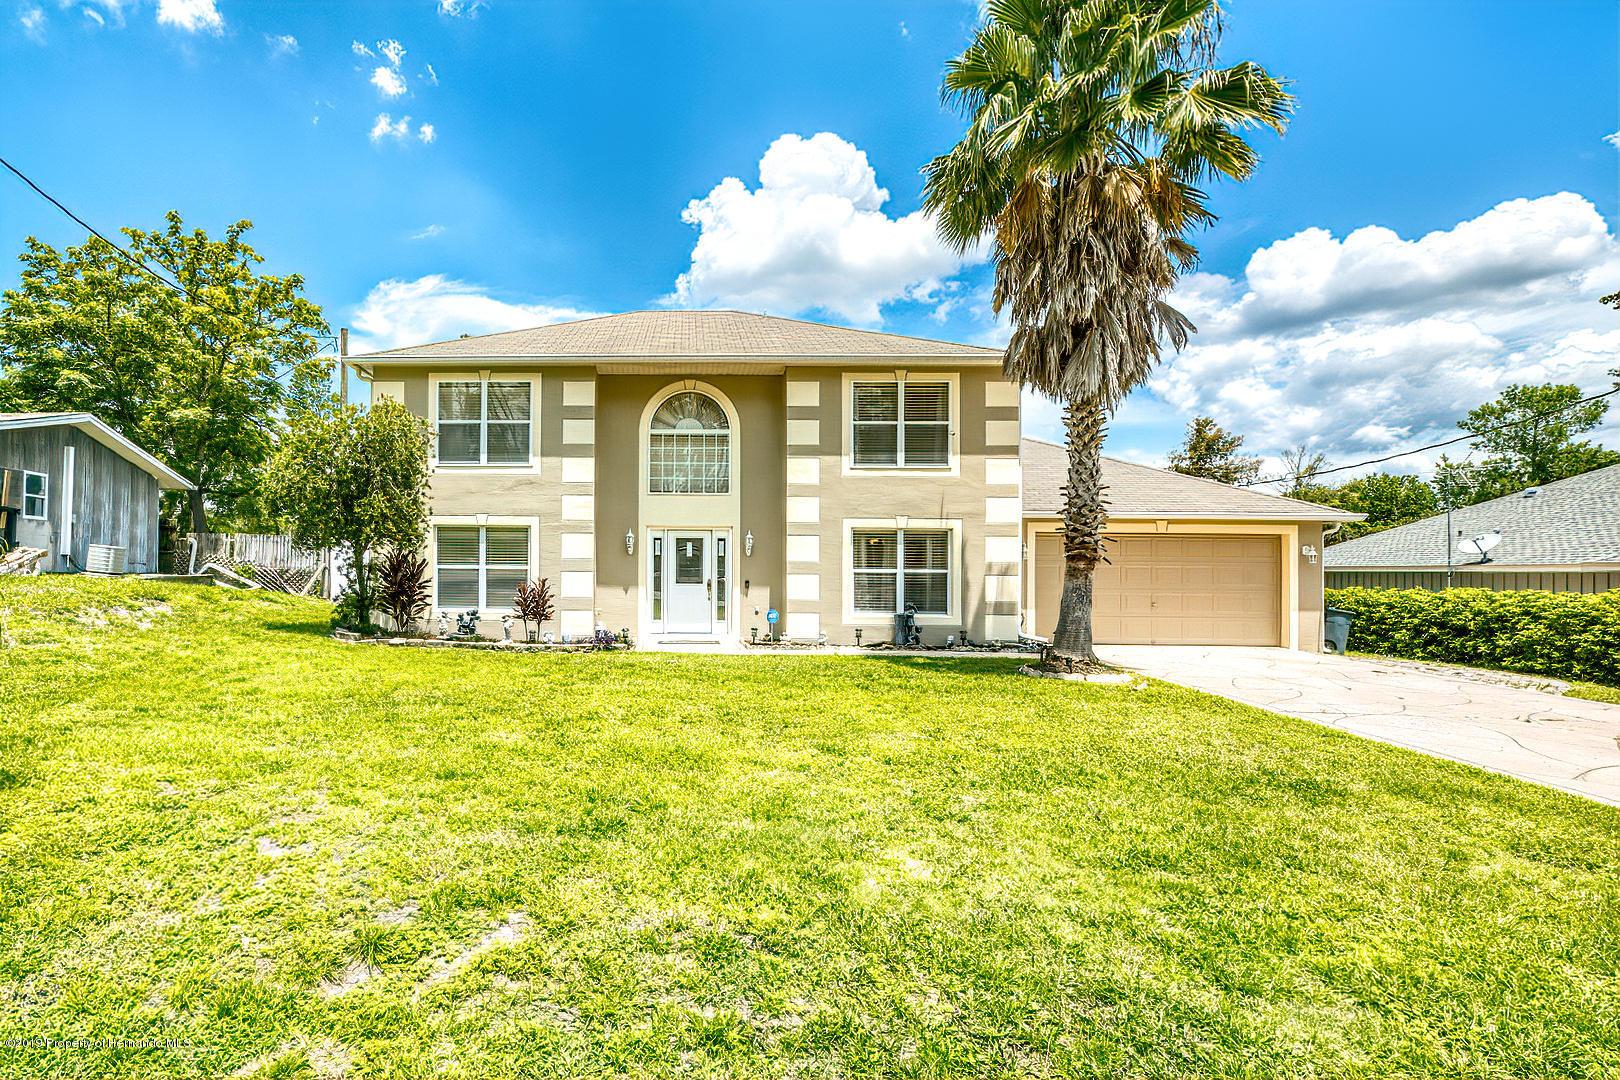 Details for 5195 Montford Circle, Spring Hill, FL 34606